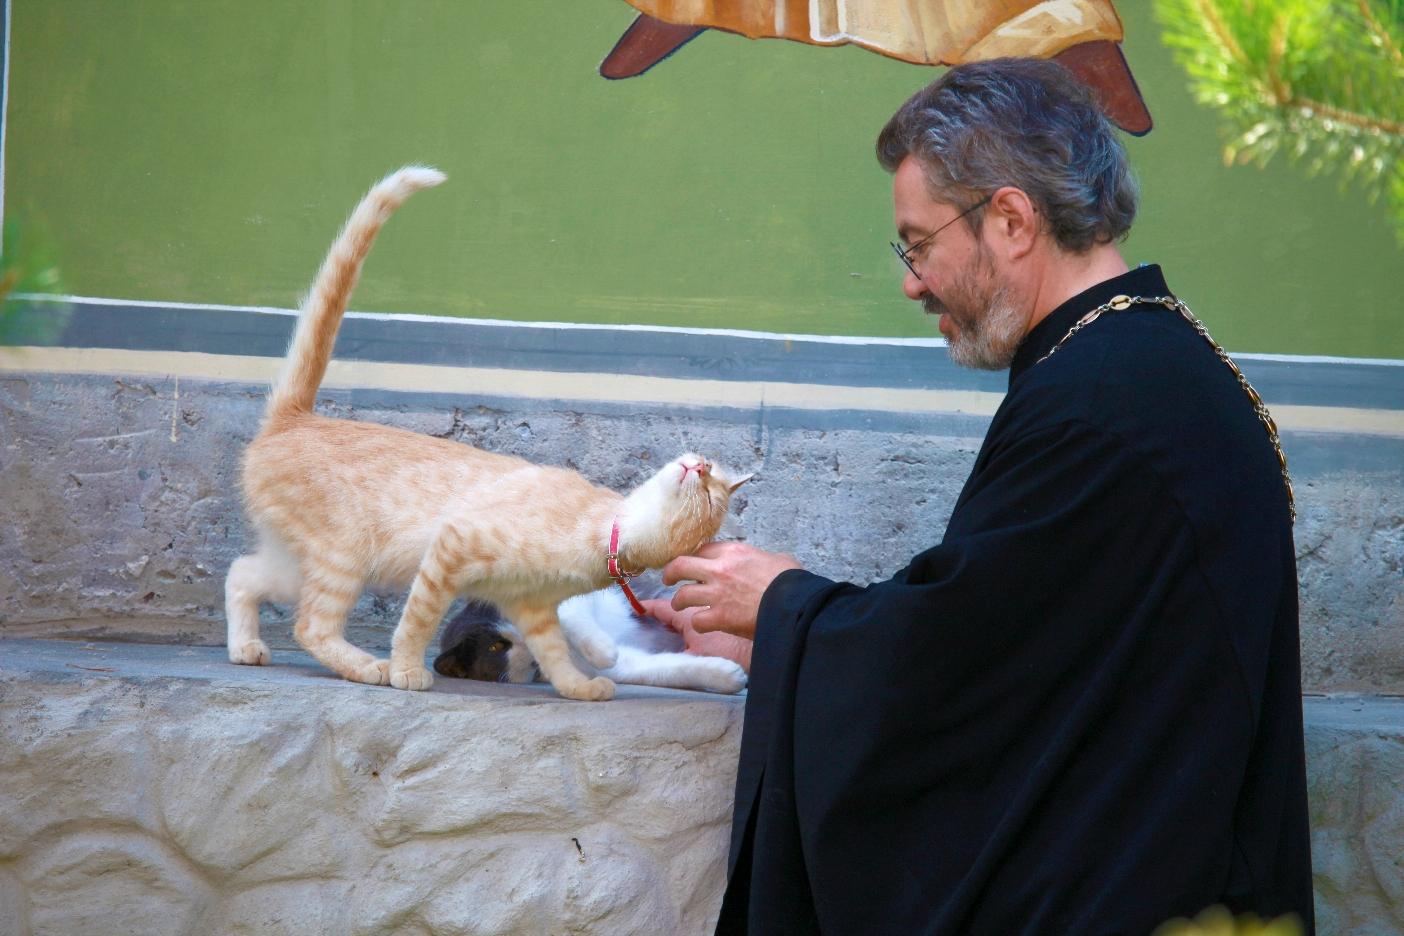 Оттенки доброты: молебен о бездомных животных Img_0623